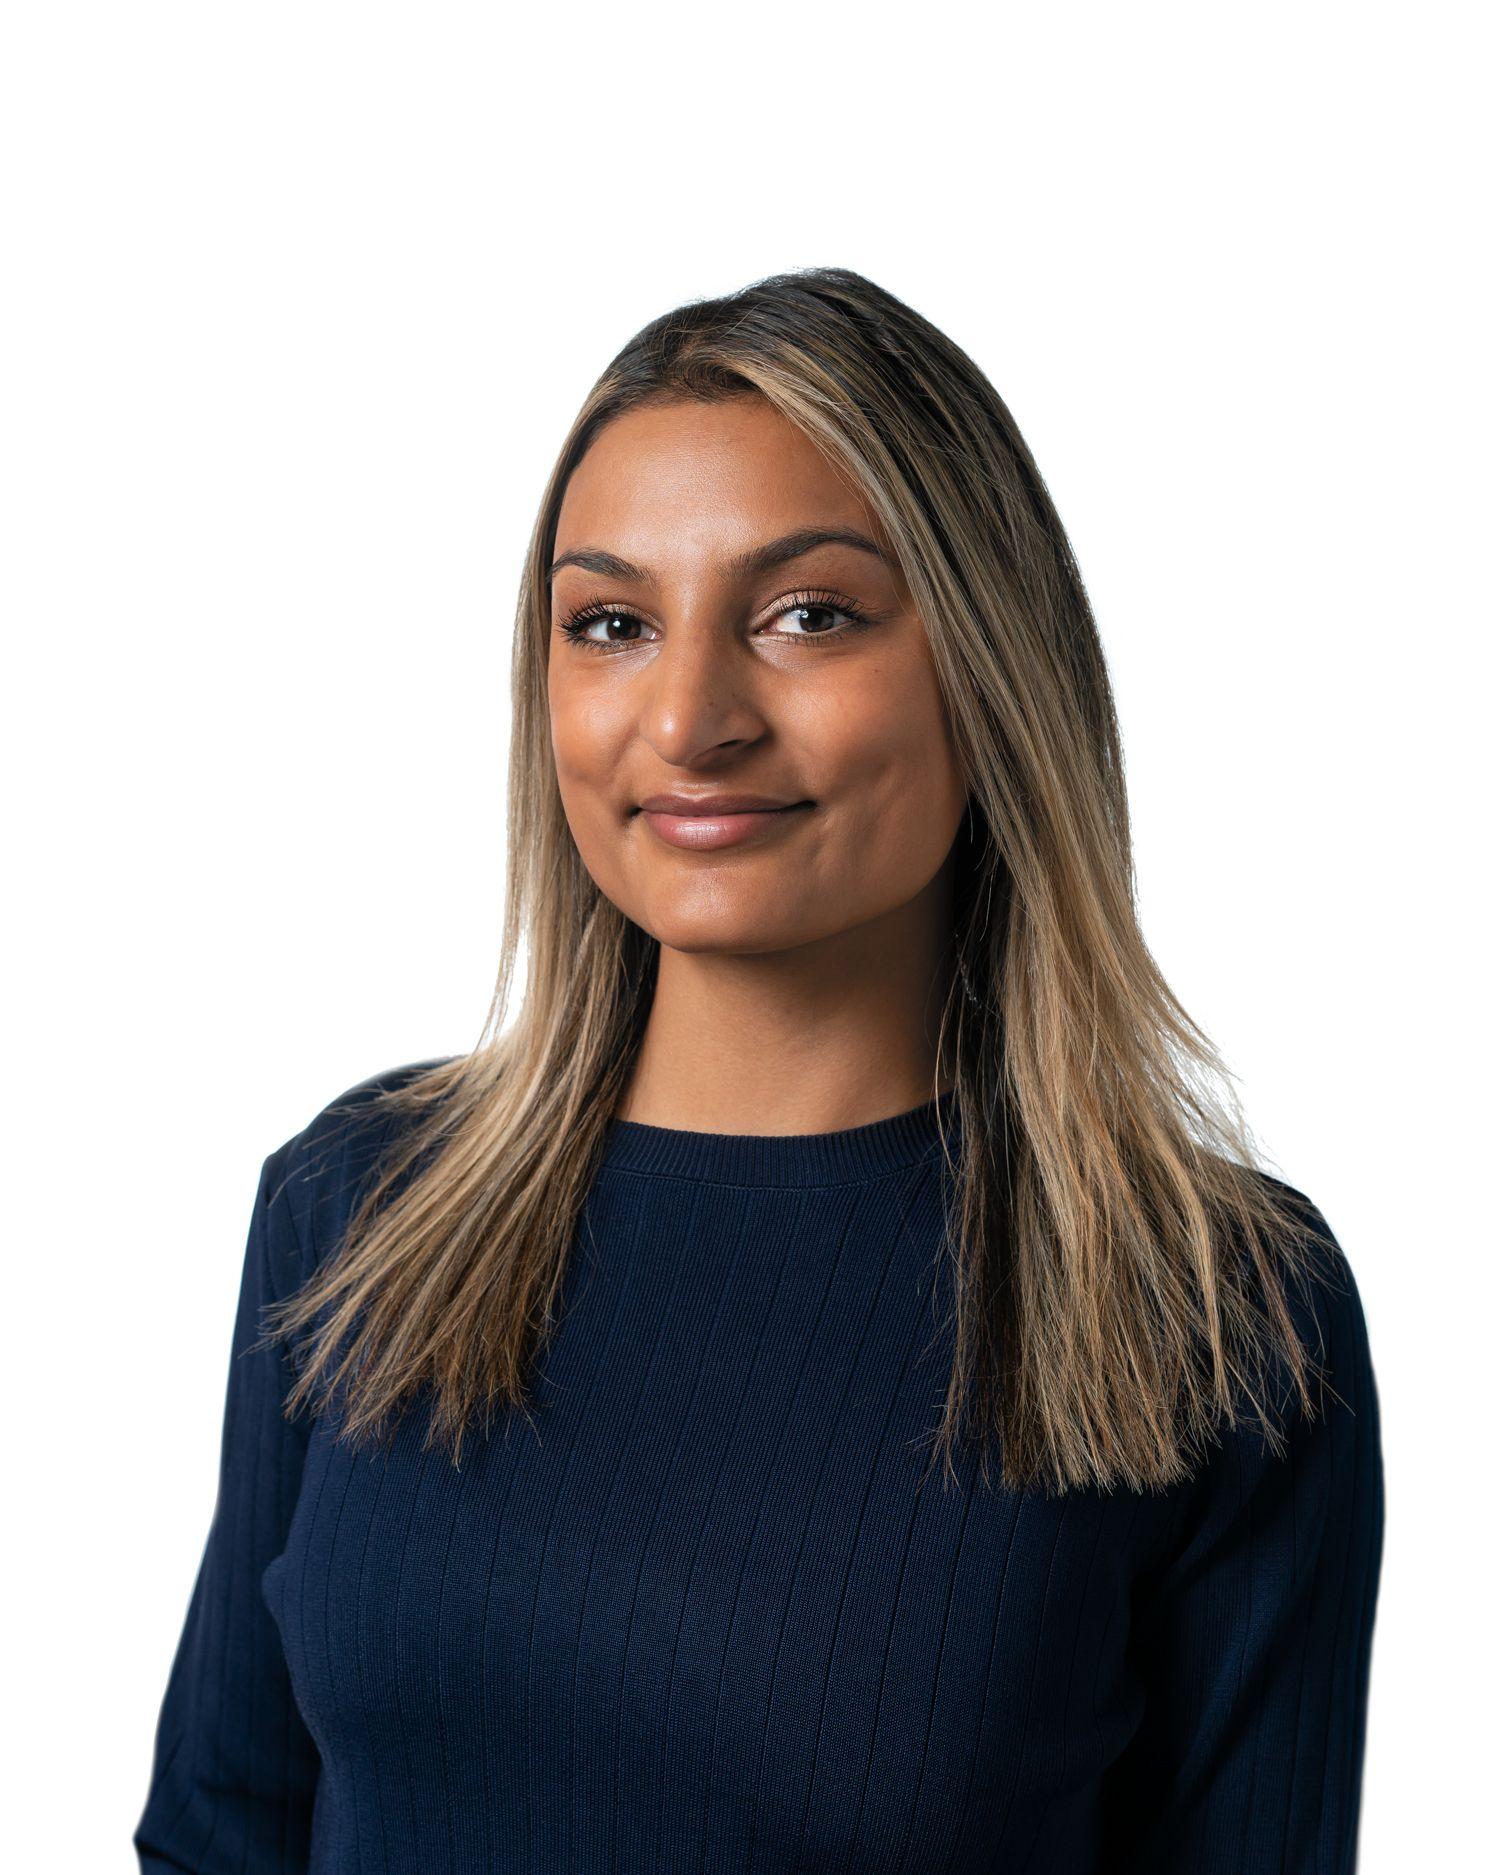 Rosanna Singh